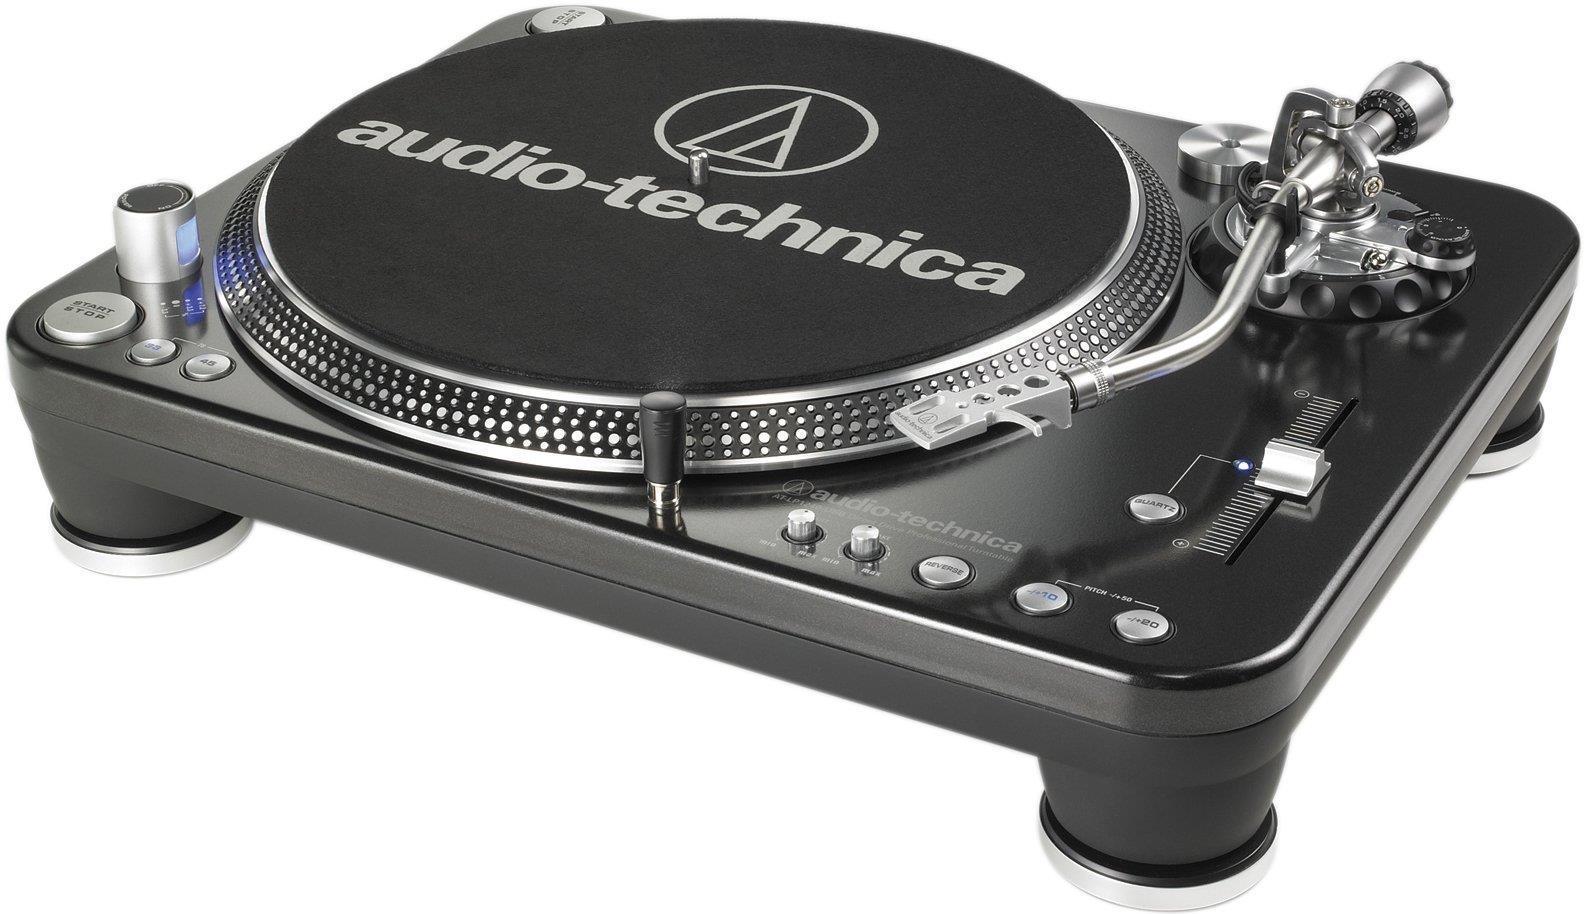 Audio-Technica AT-LP1240 USB виниловый проигрыватель